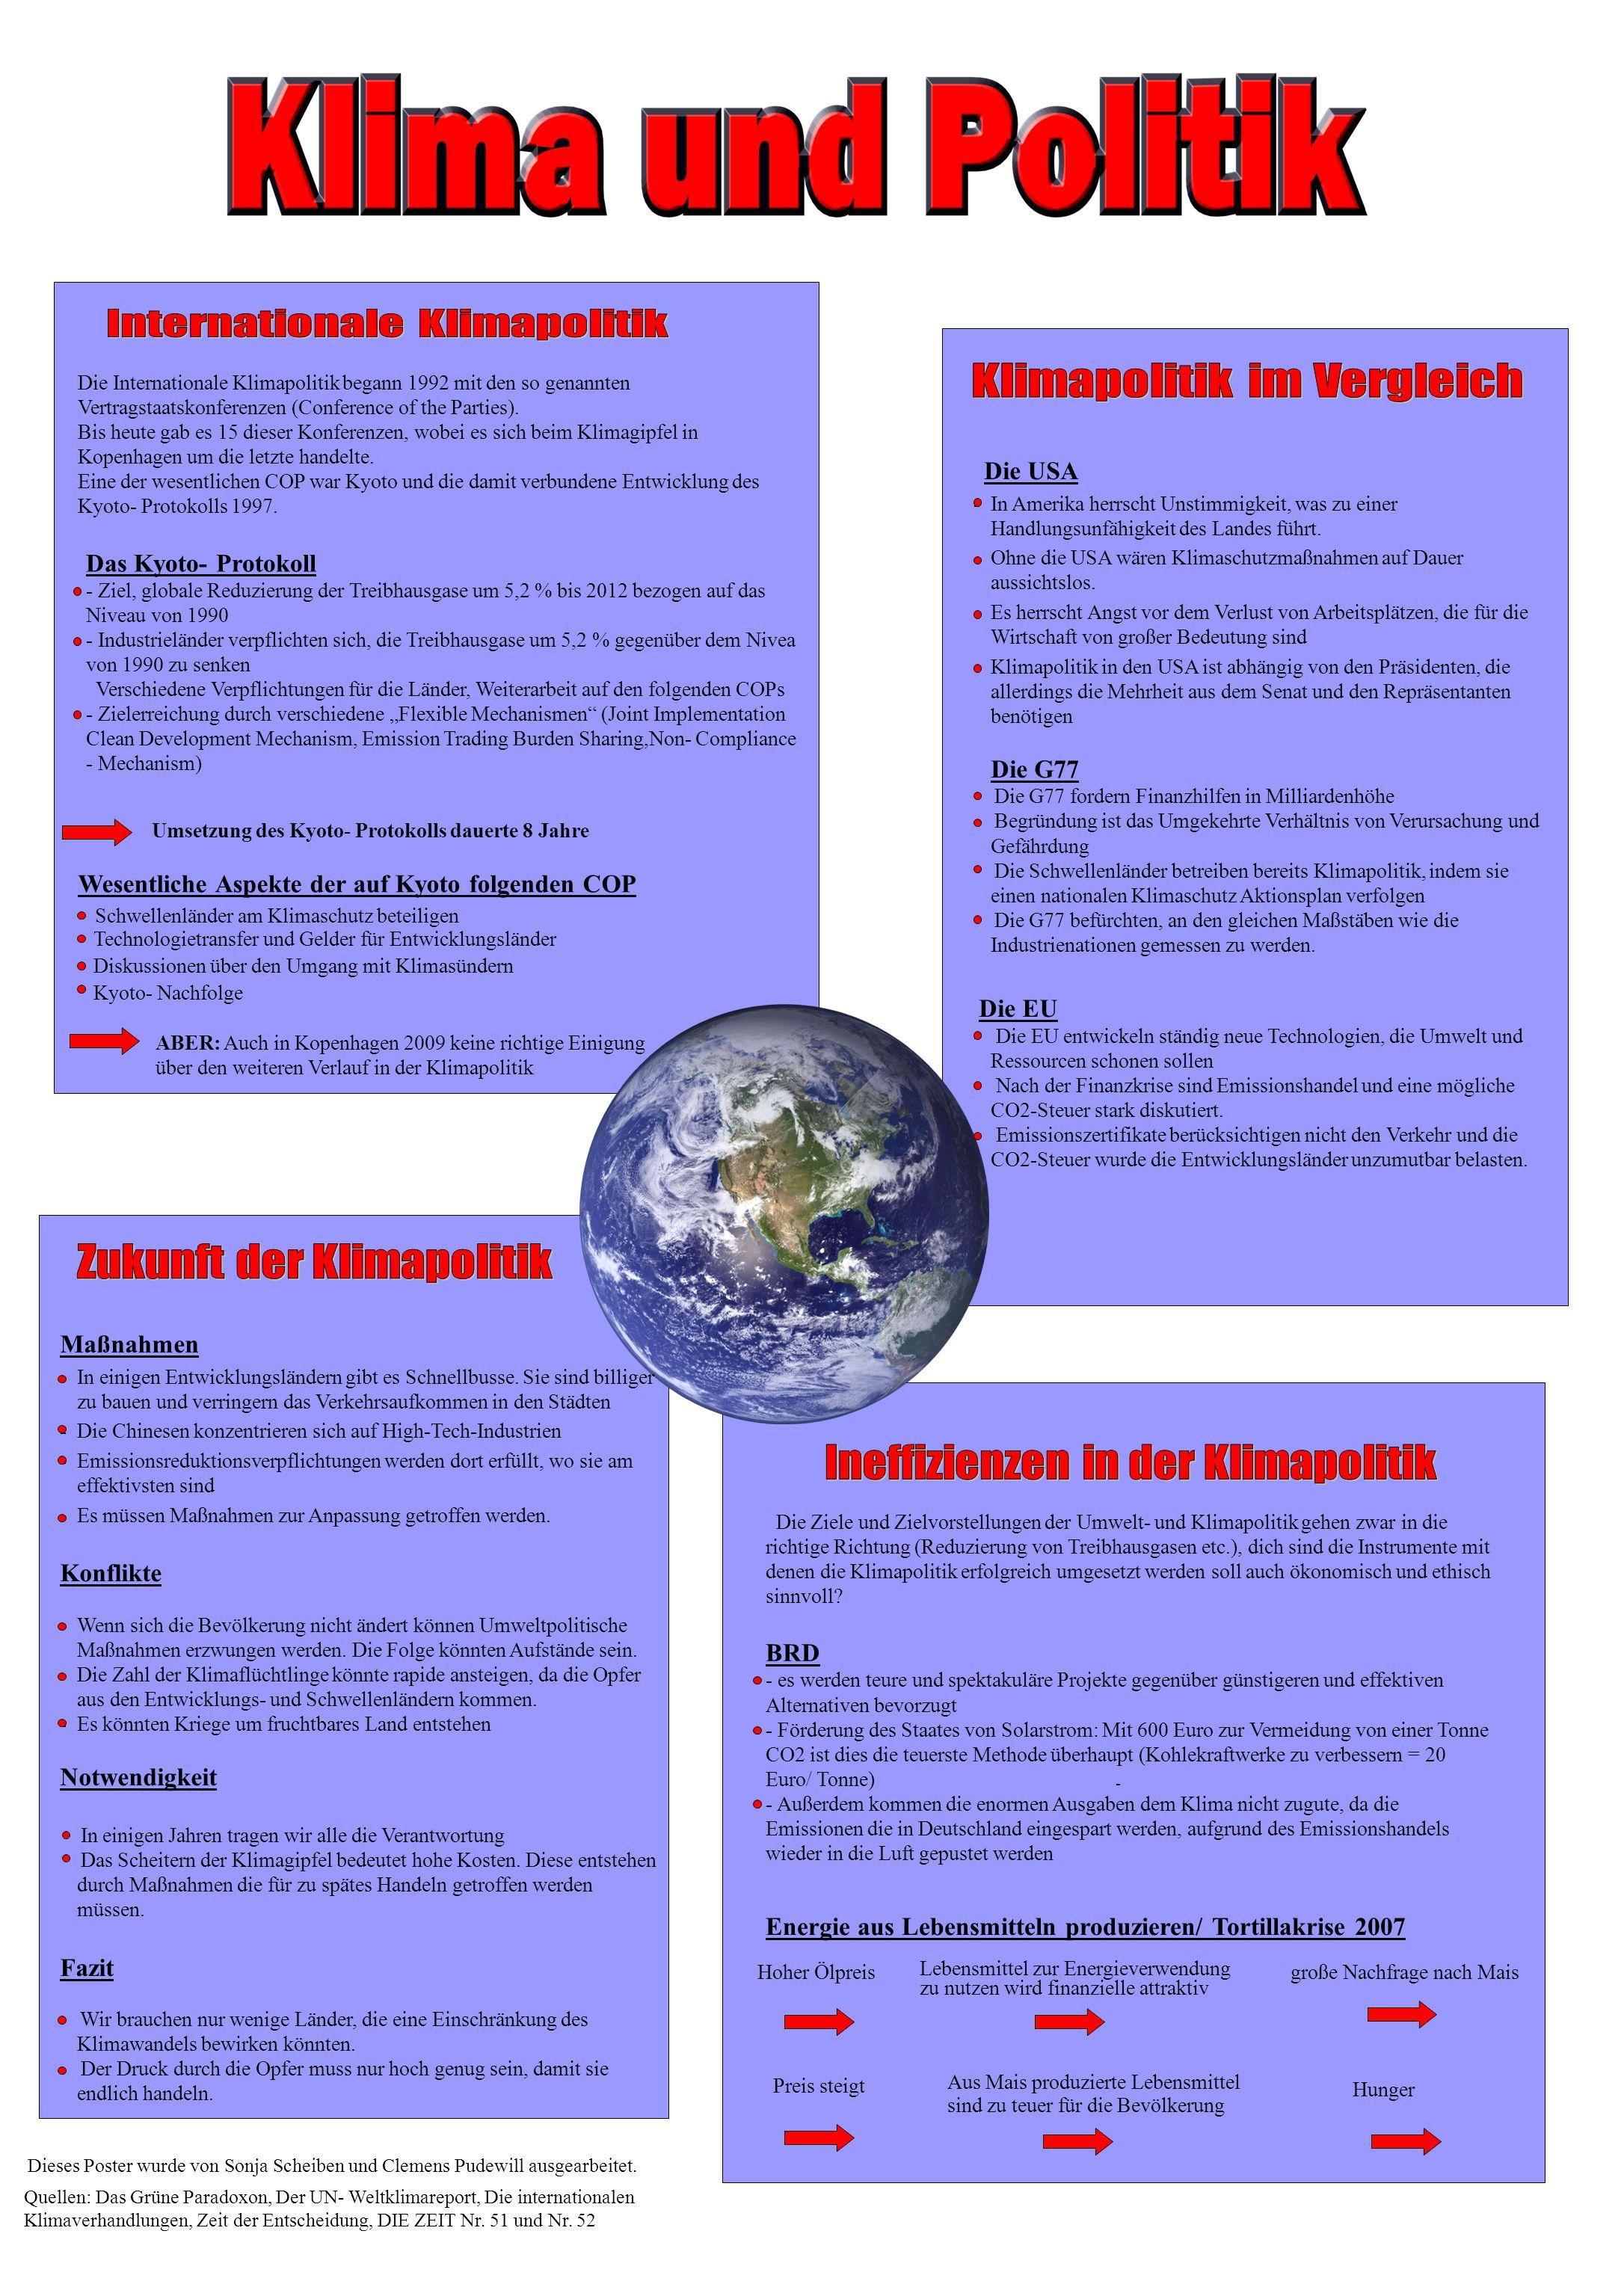 - Die Internationale Klimapolitik begann 1992 mit den so genannten Vertragstaatskonferenzen (Conference of the Parties).